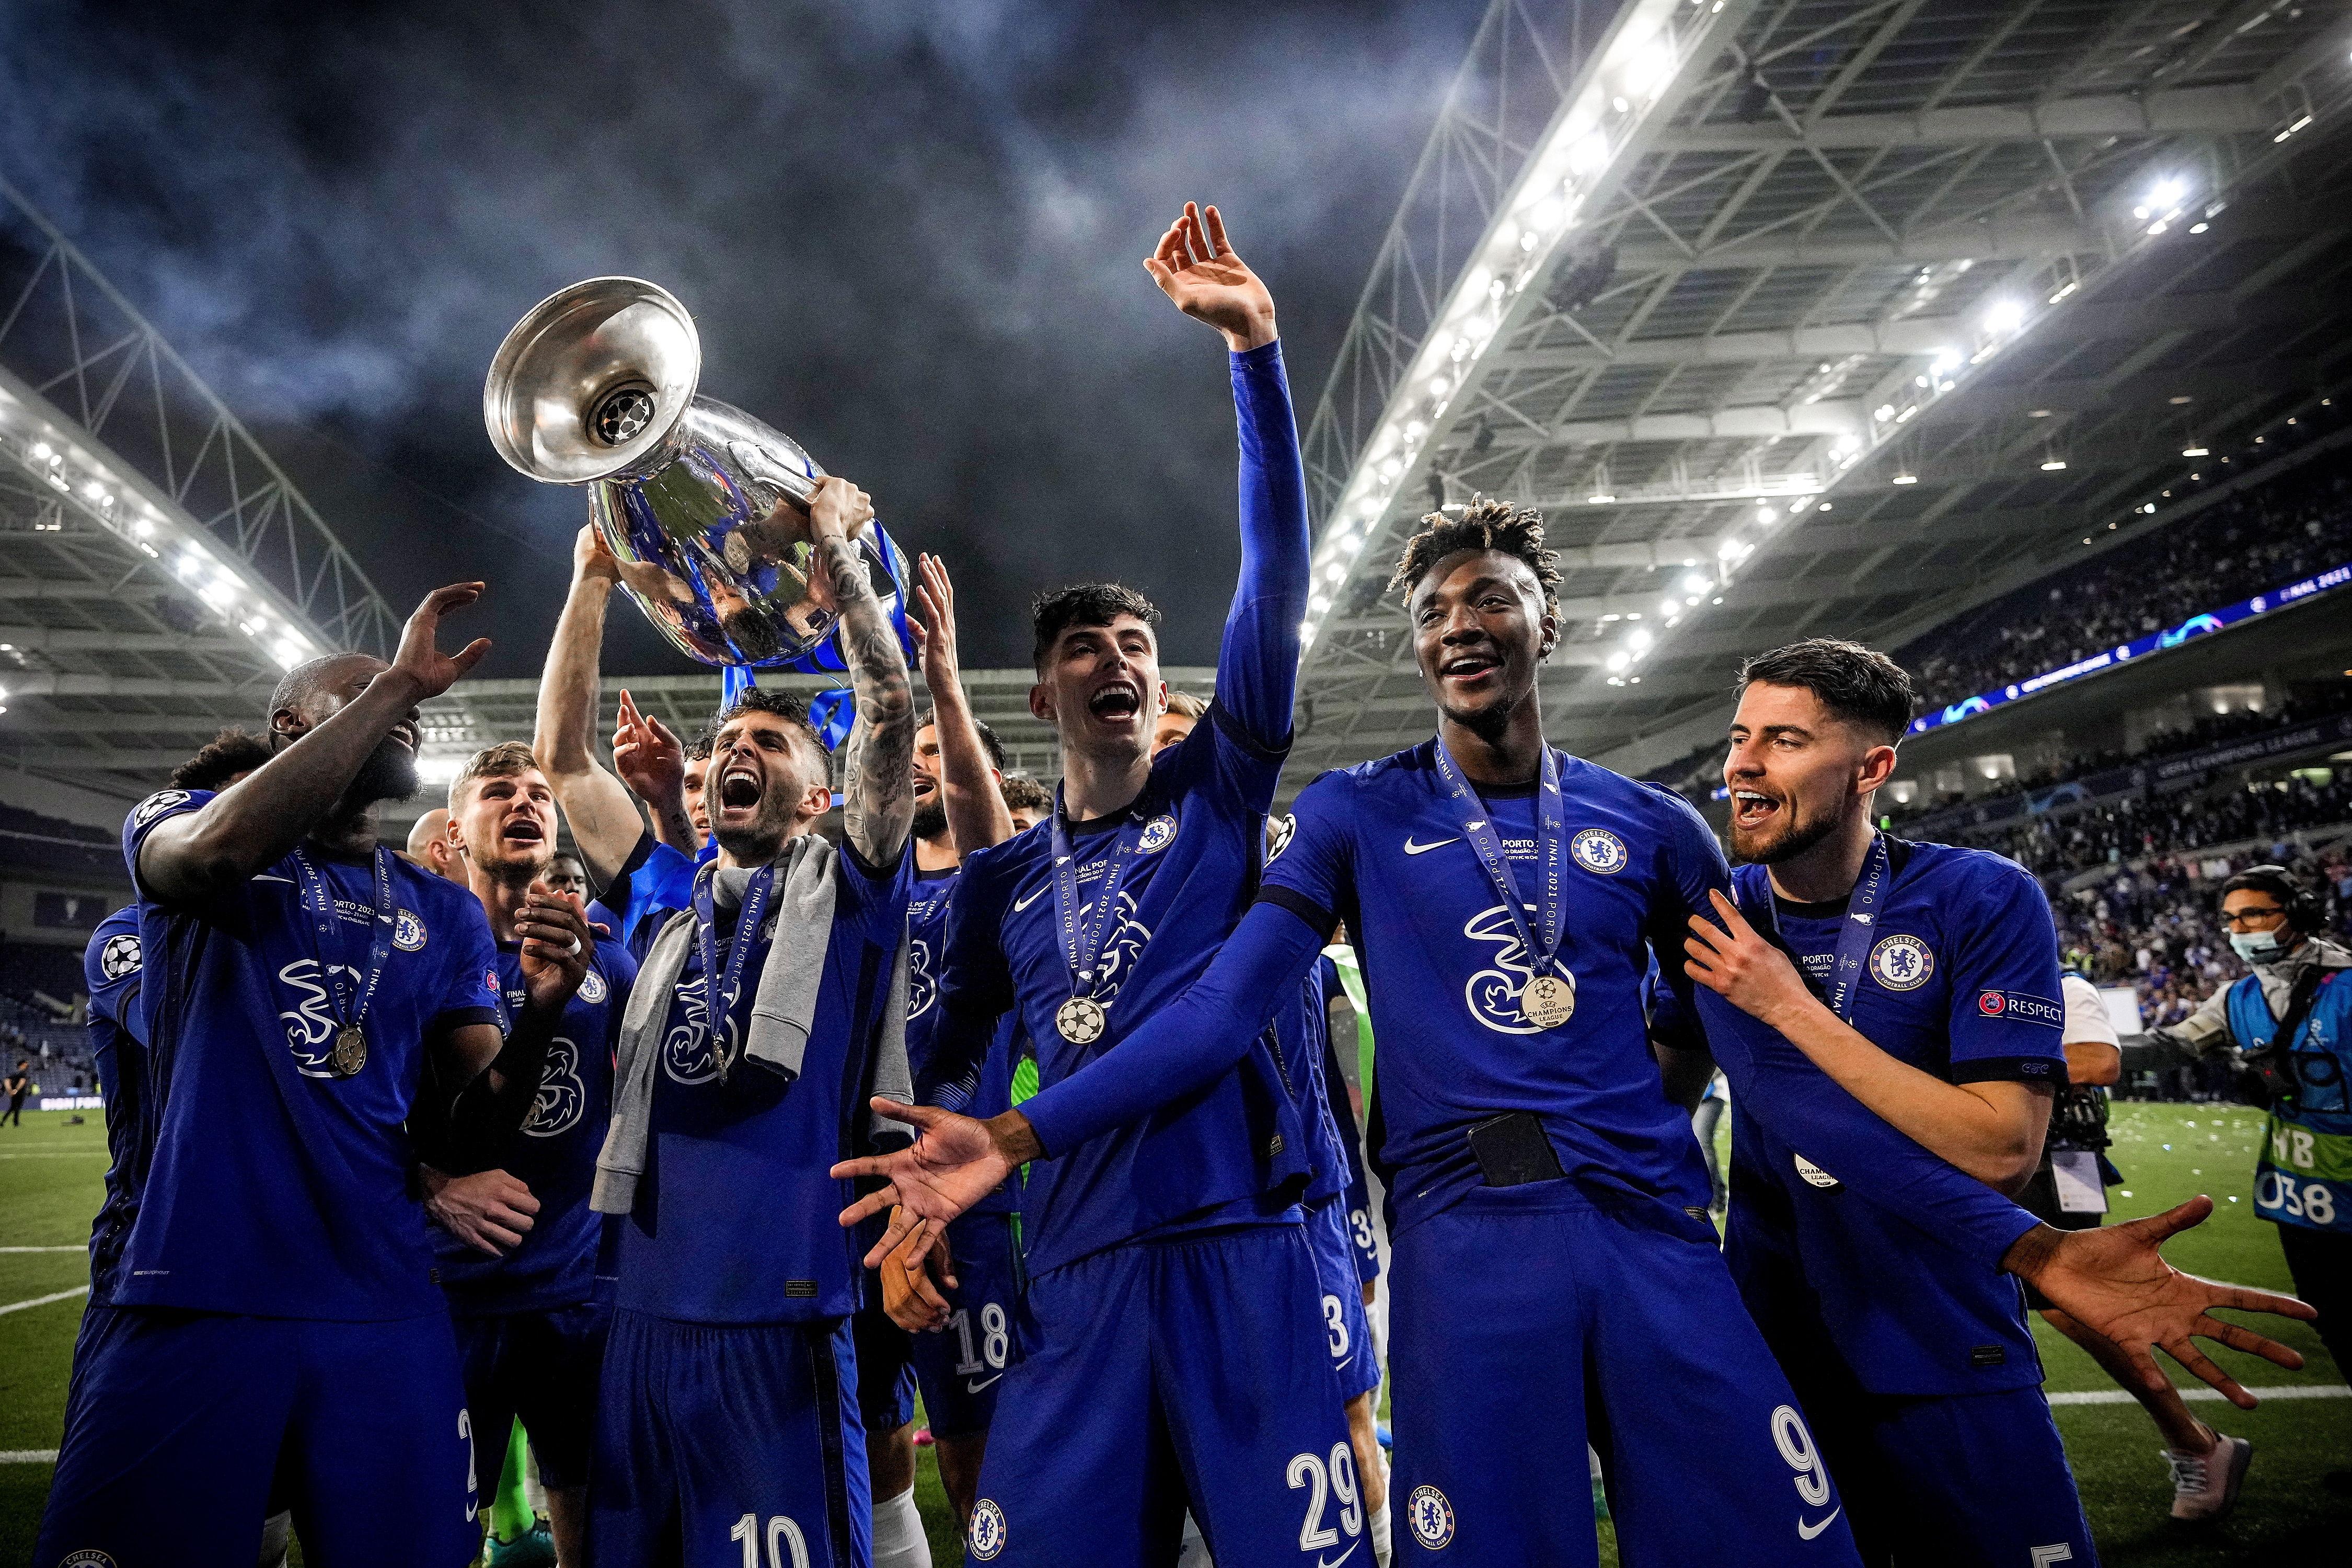 ¡Por el bicampeonato de Europa! Chelsea desea un XI inigualable 1